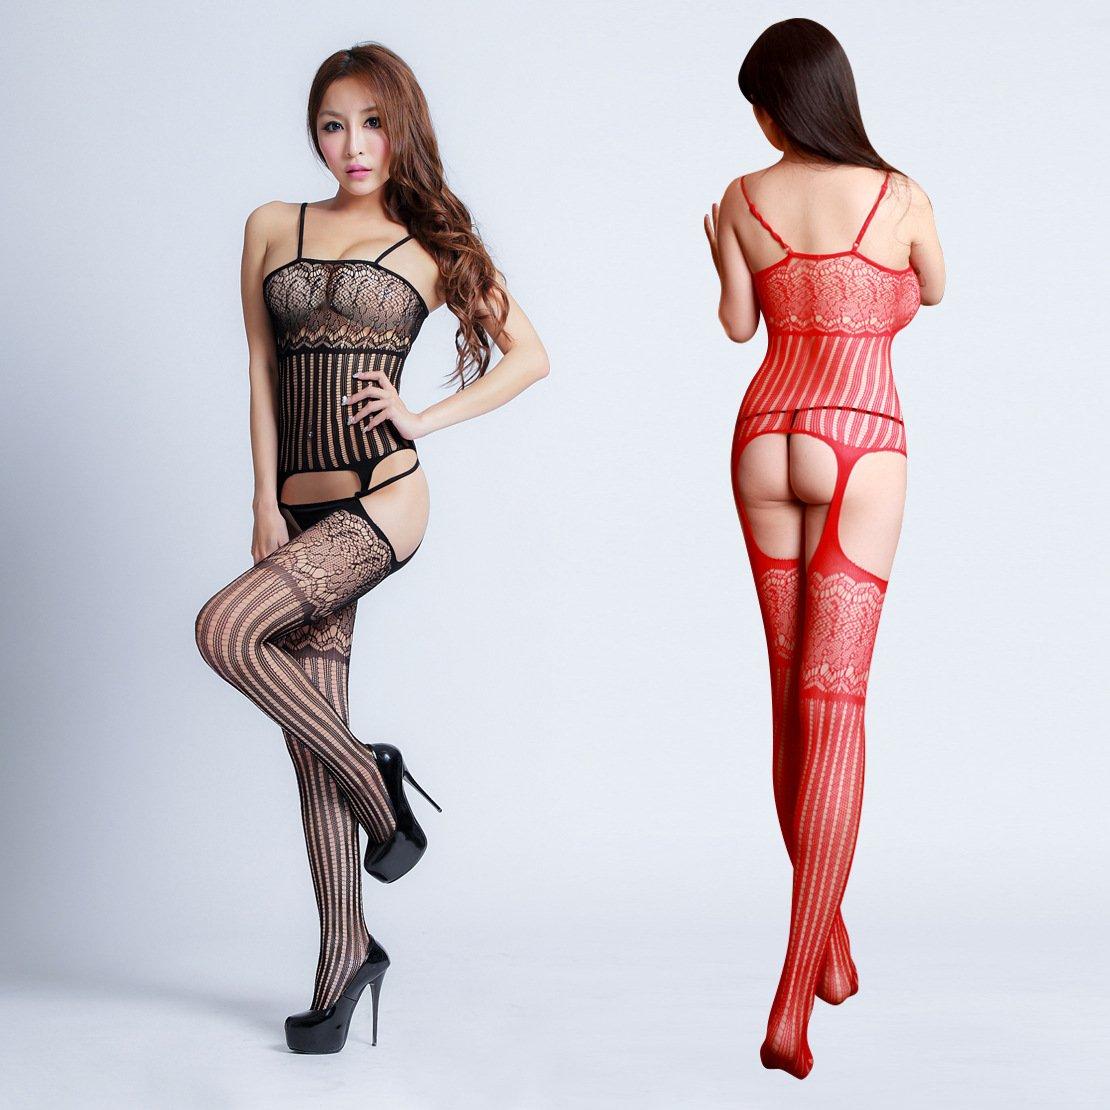 W7029 歐美最新提花網衣情趣內衣 吊帶開檔免脫連身絲襪貓裝 紅色特價現貨